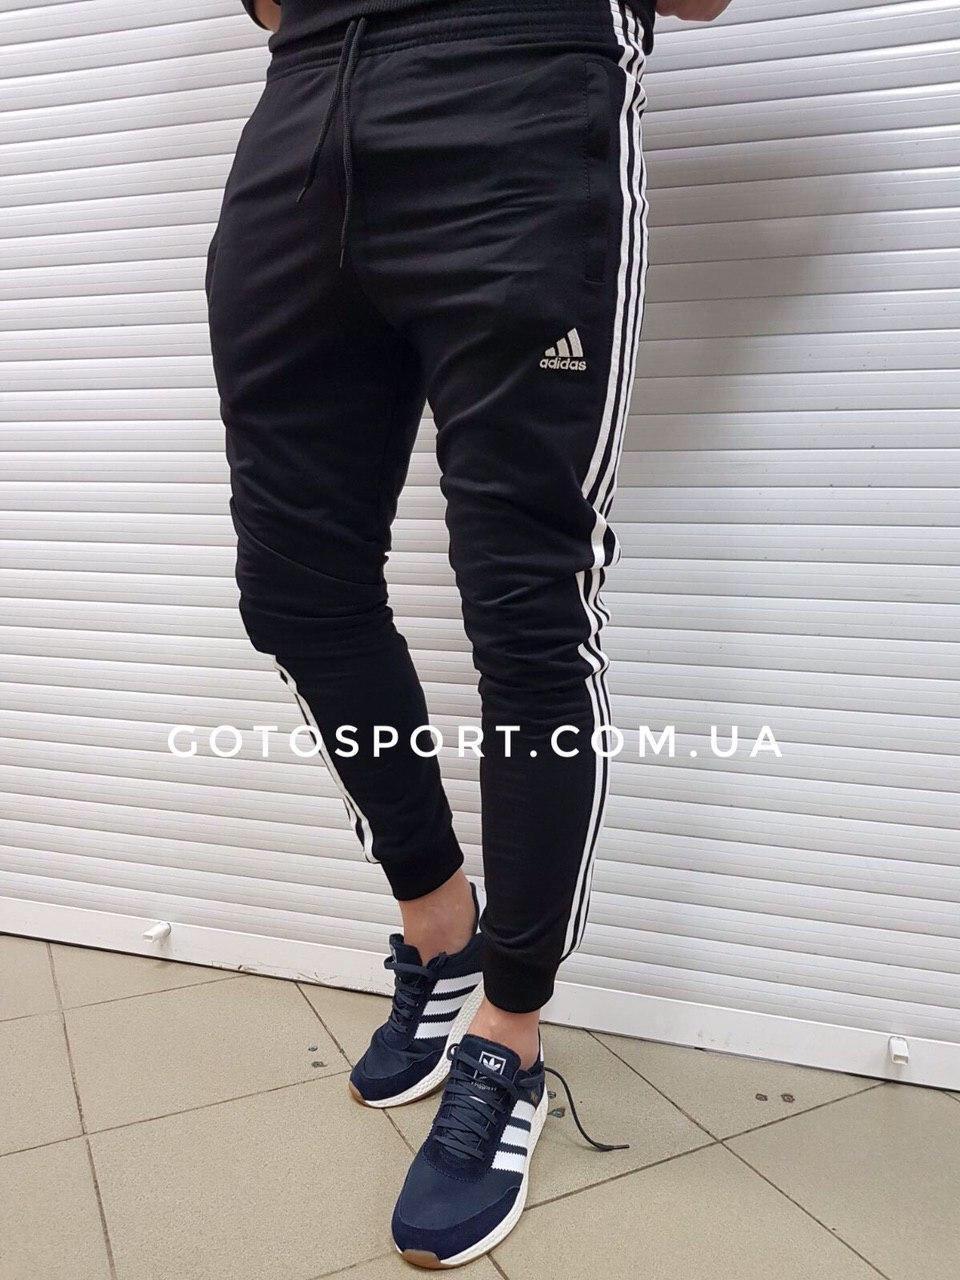 Теплые мужские спортивные штаны Adidas Winter